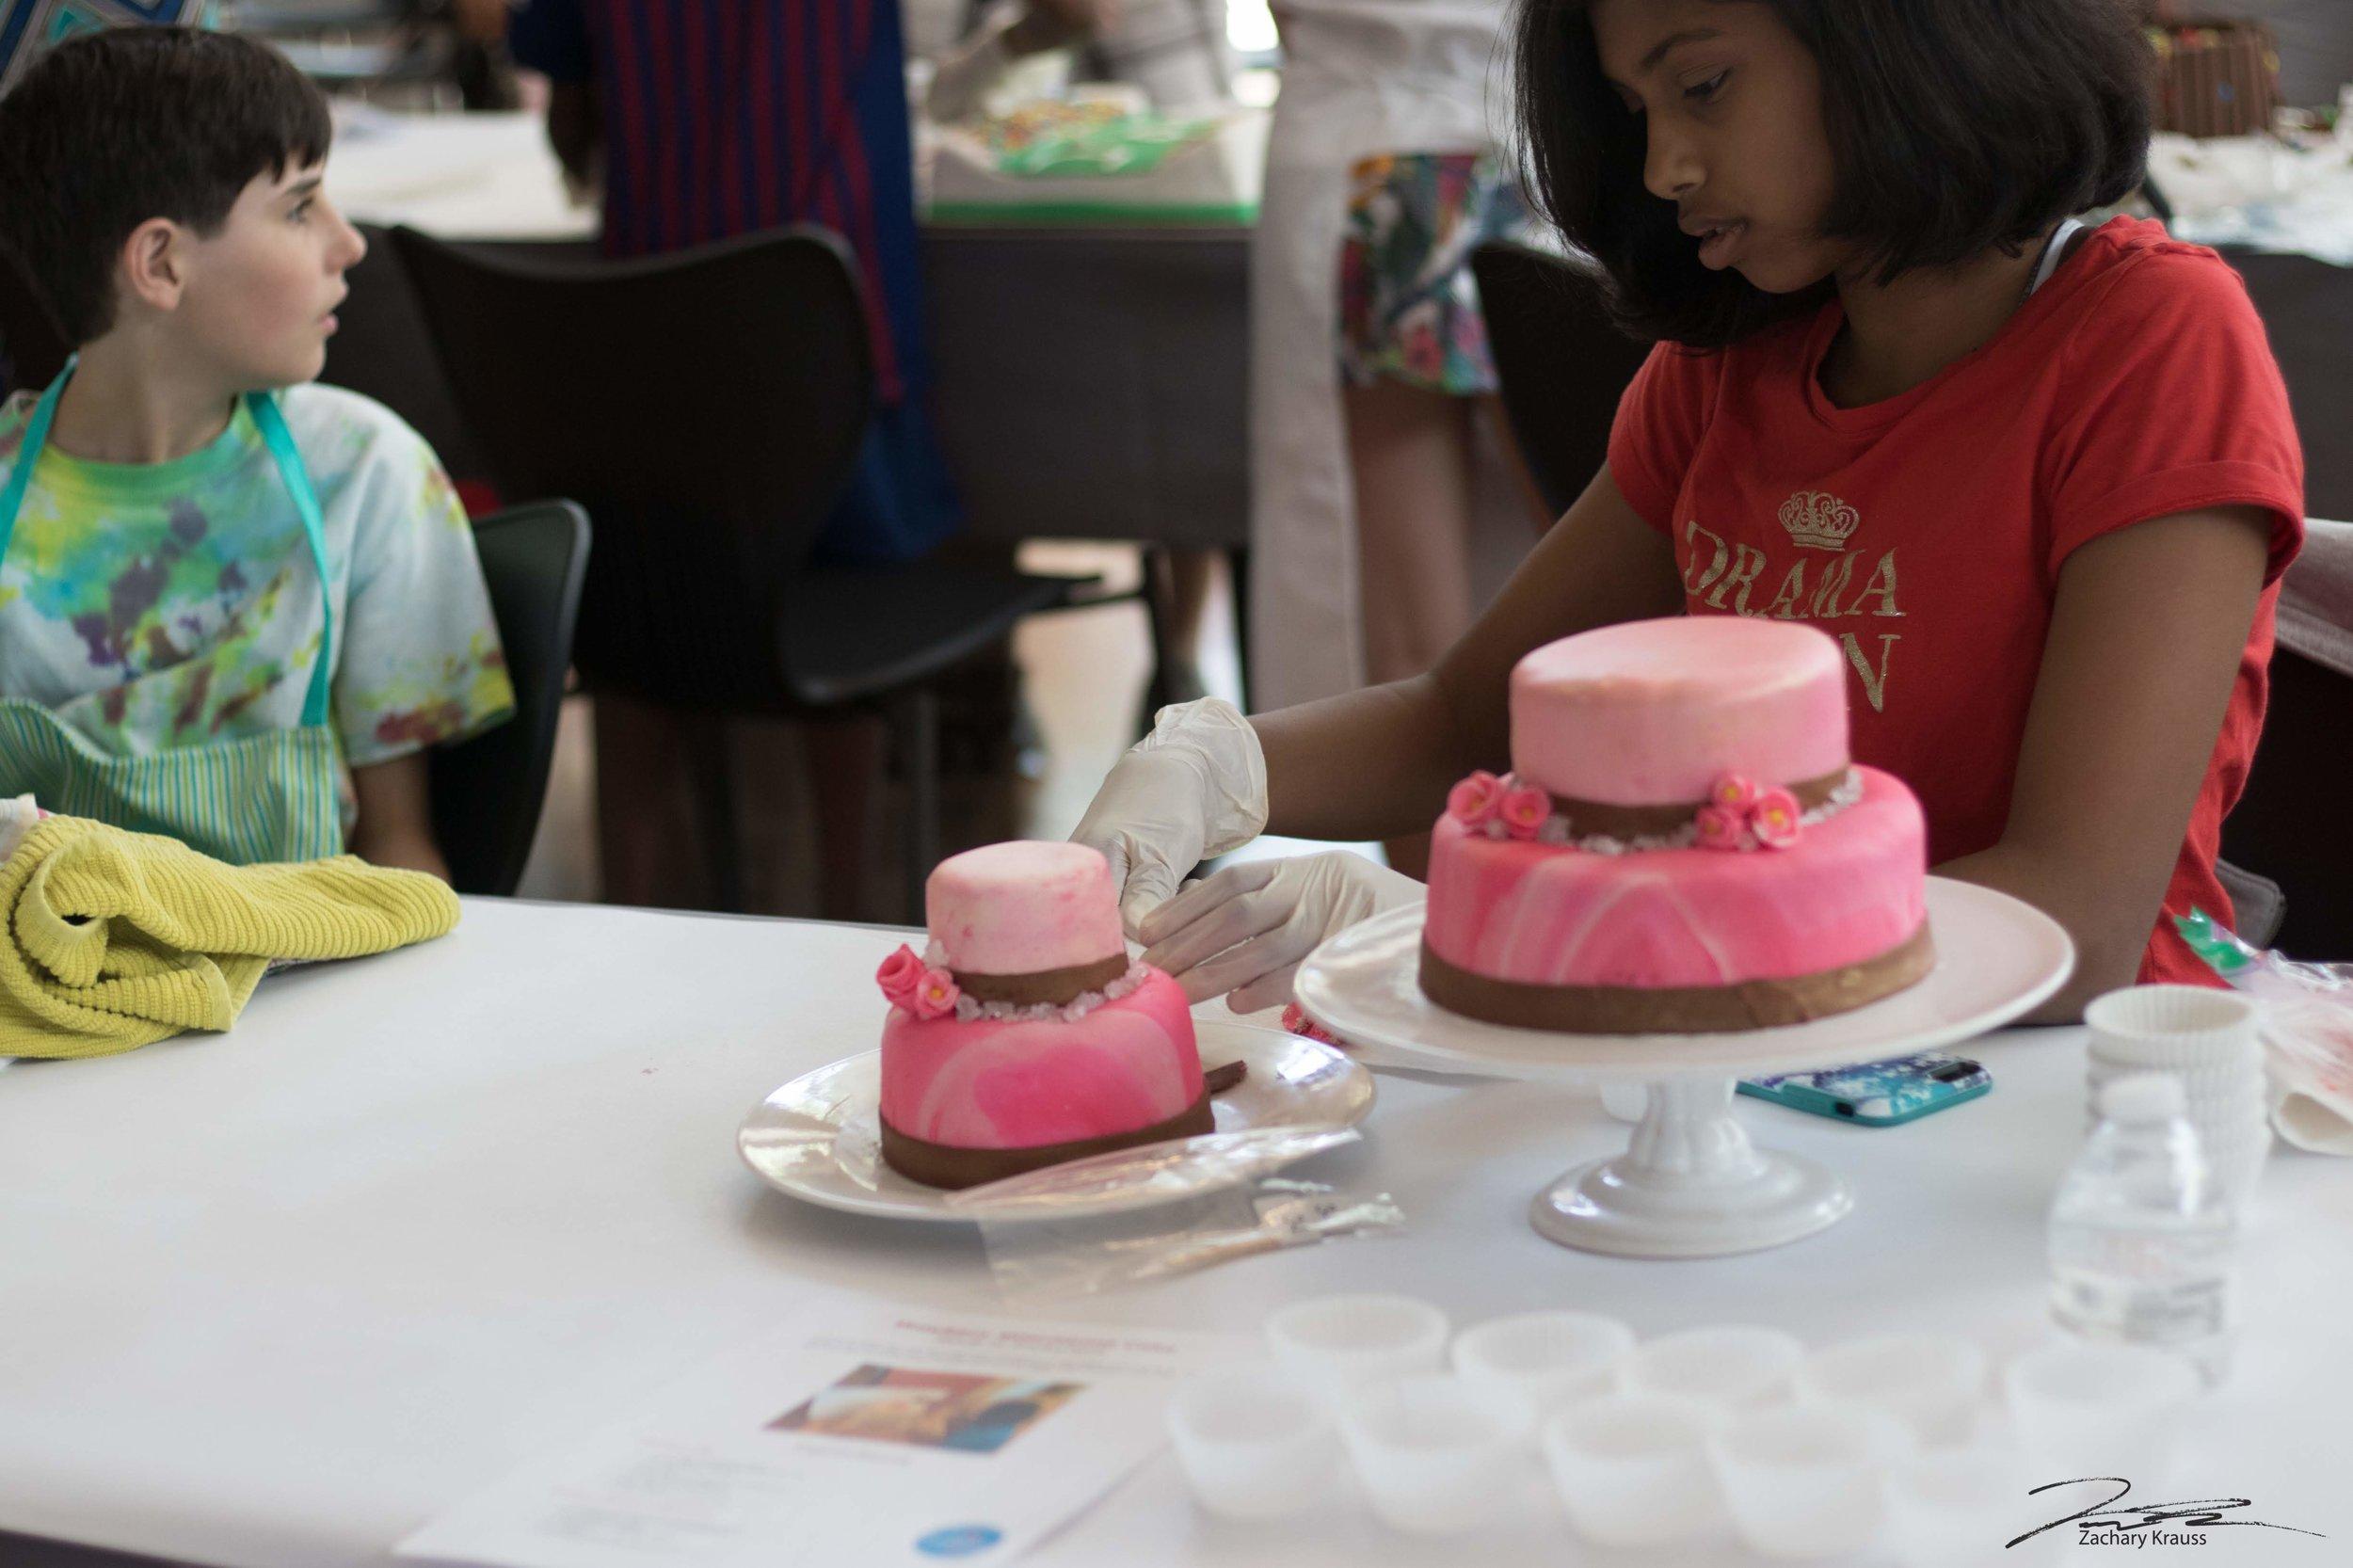 cake4kids-41.jpg